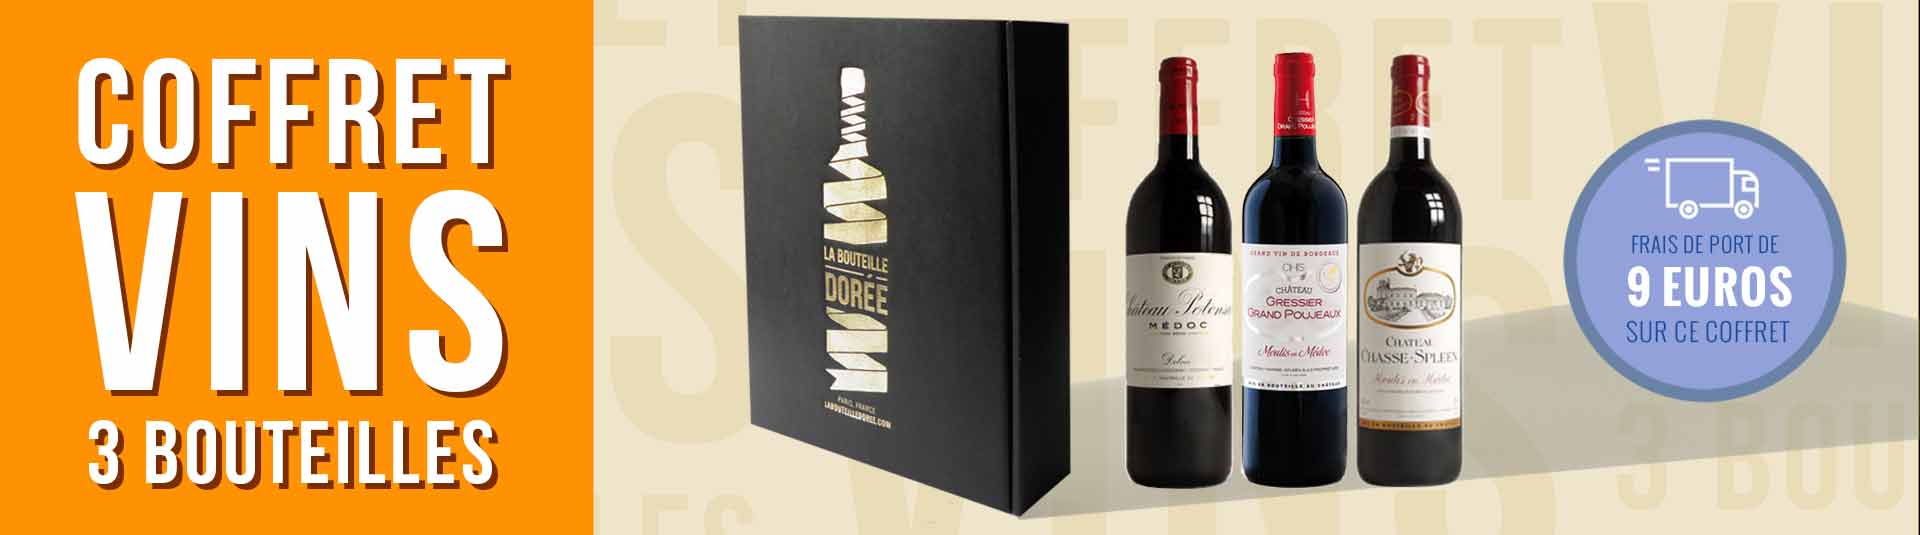 coffret vin Bordeaux Crus Bourgeois 3 bouteilles